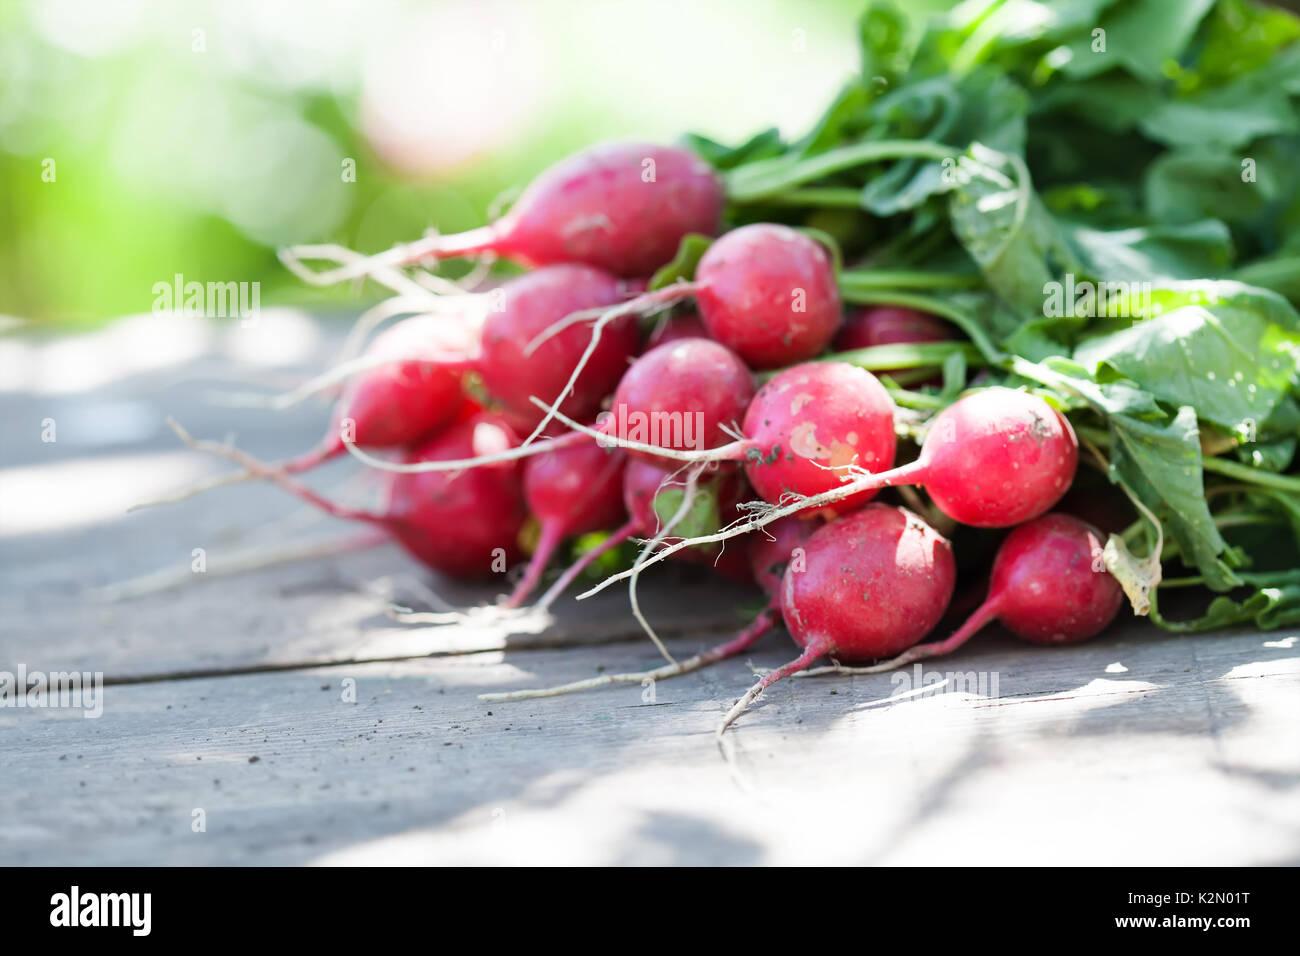 Les radis mûrs sur fond de table en bois vintage. Journée ensoleillée, les agriculteurs récoltent encore la vie. Peu de profondeur champ, selective focus Photo Stock